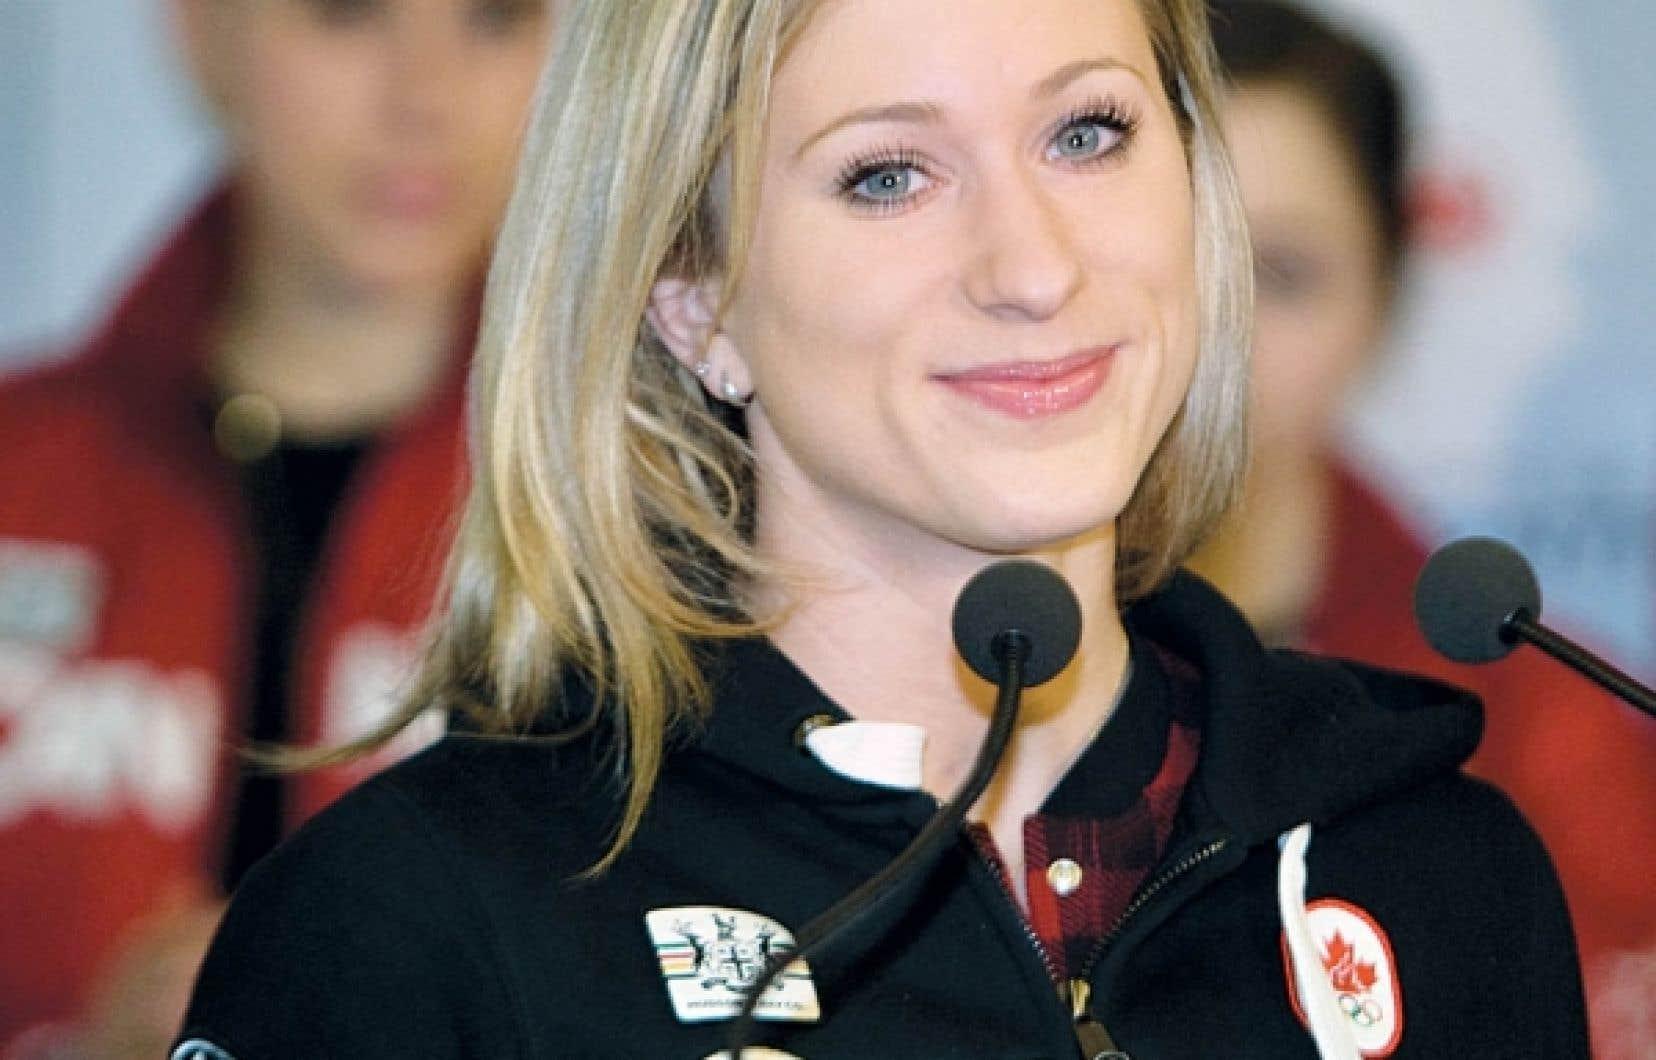 La patineuse Joannie Rochette a réitéré sa fierté d'être la première Québécoise à remporter une médaille individuelle en patinage artistique.